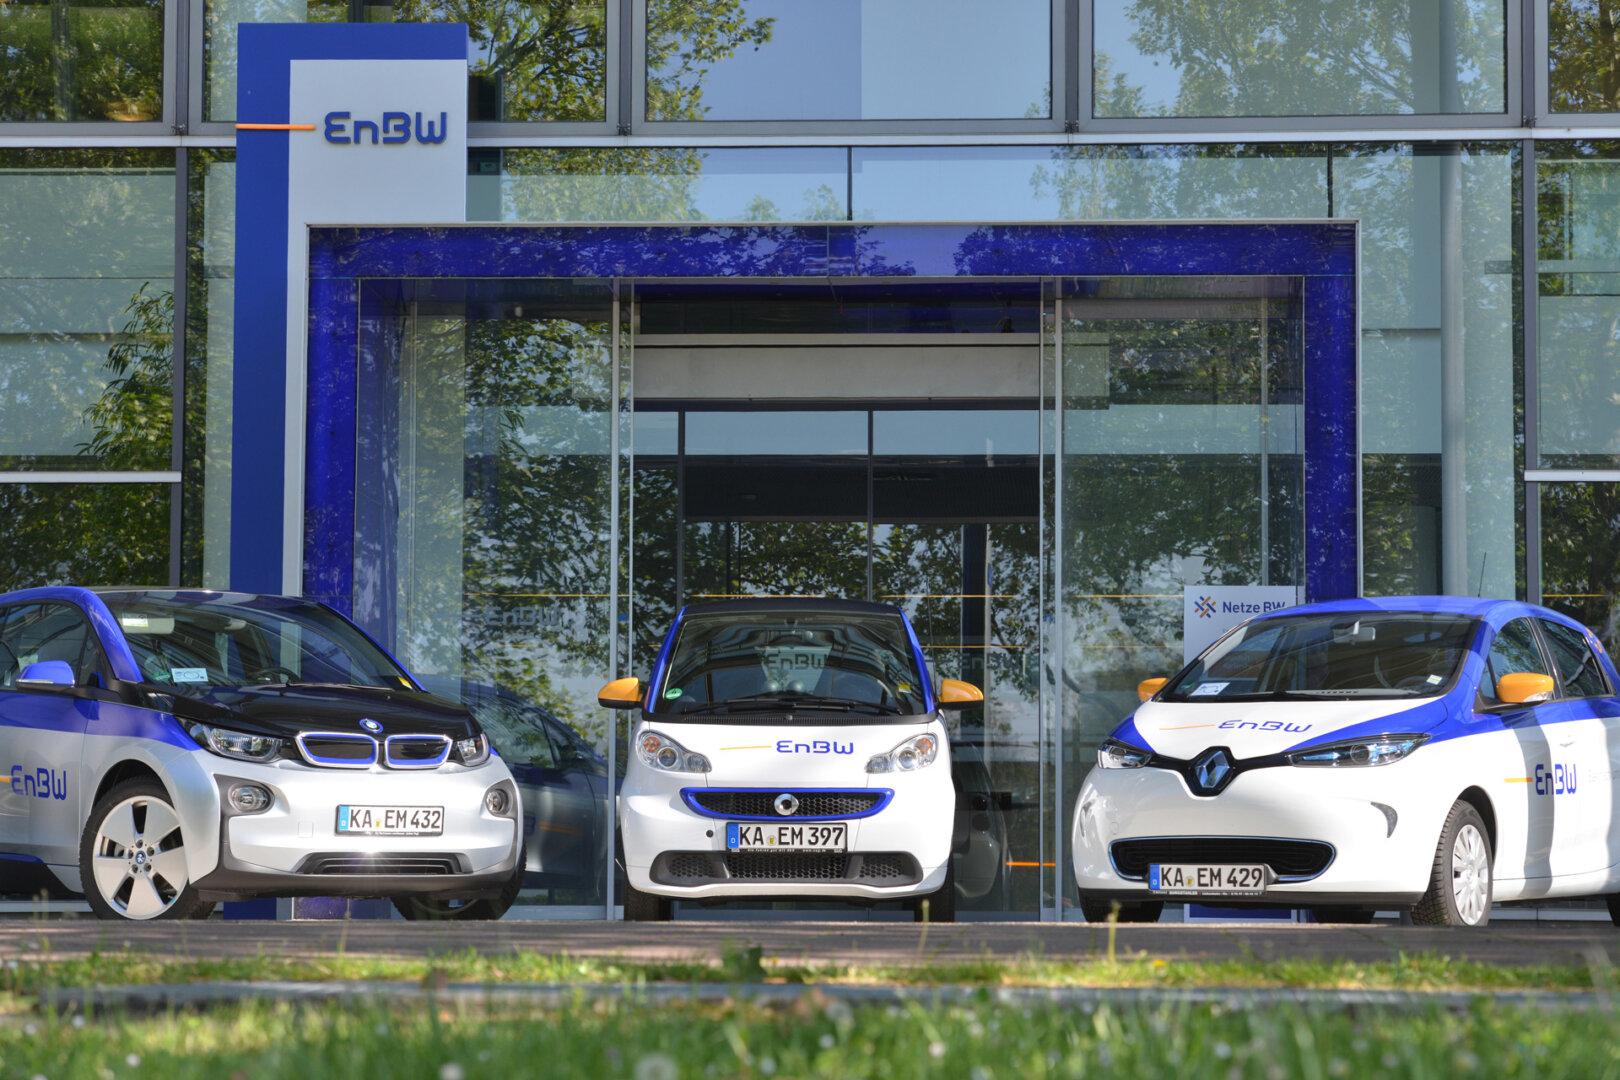 Drei E-Autos stehen in einer Reihe